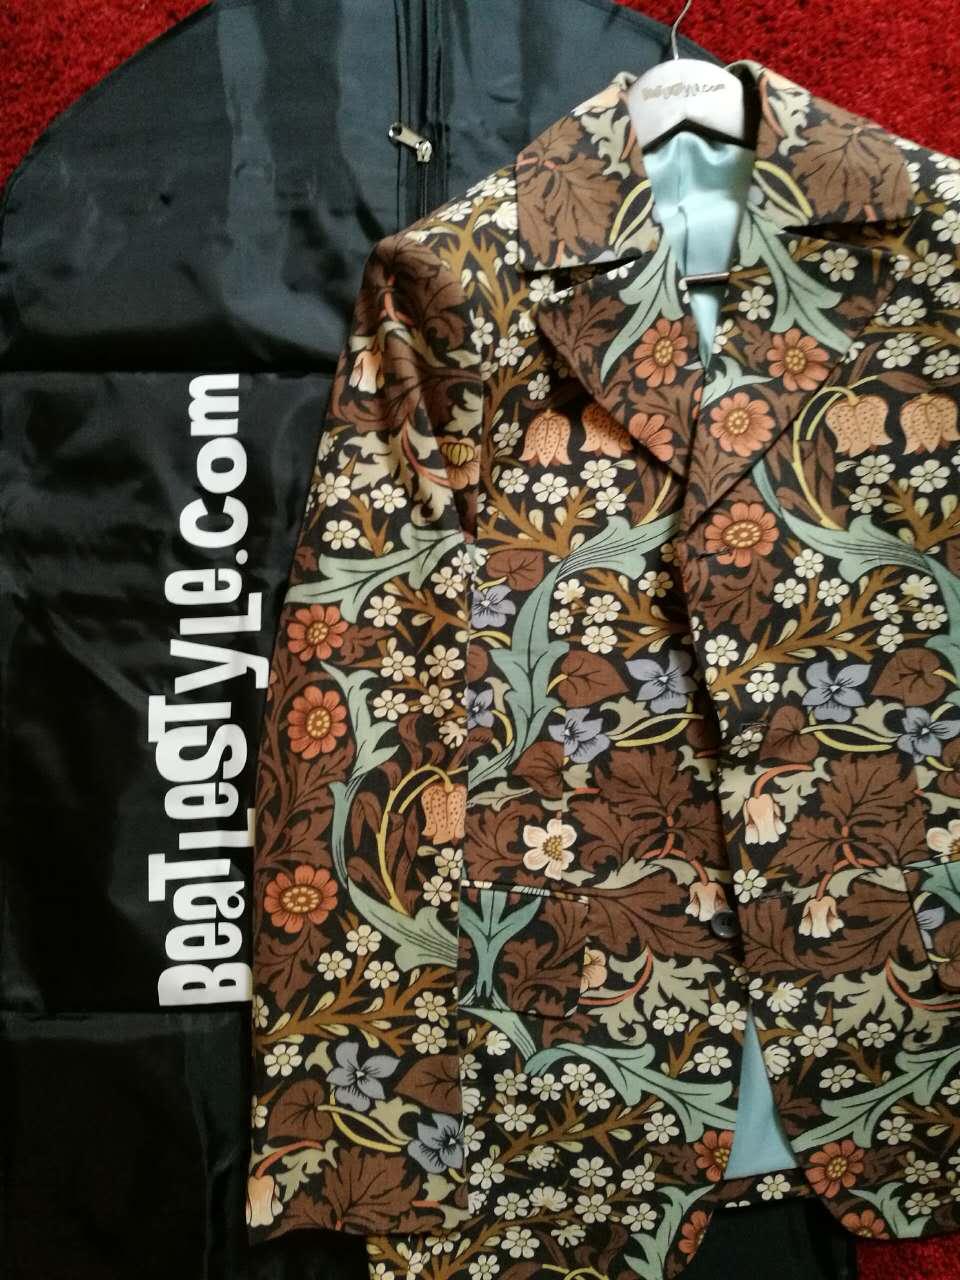 William Morris 'Blackthorn' fabric